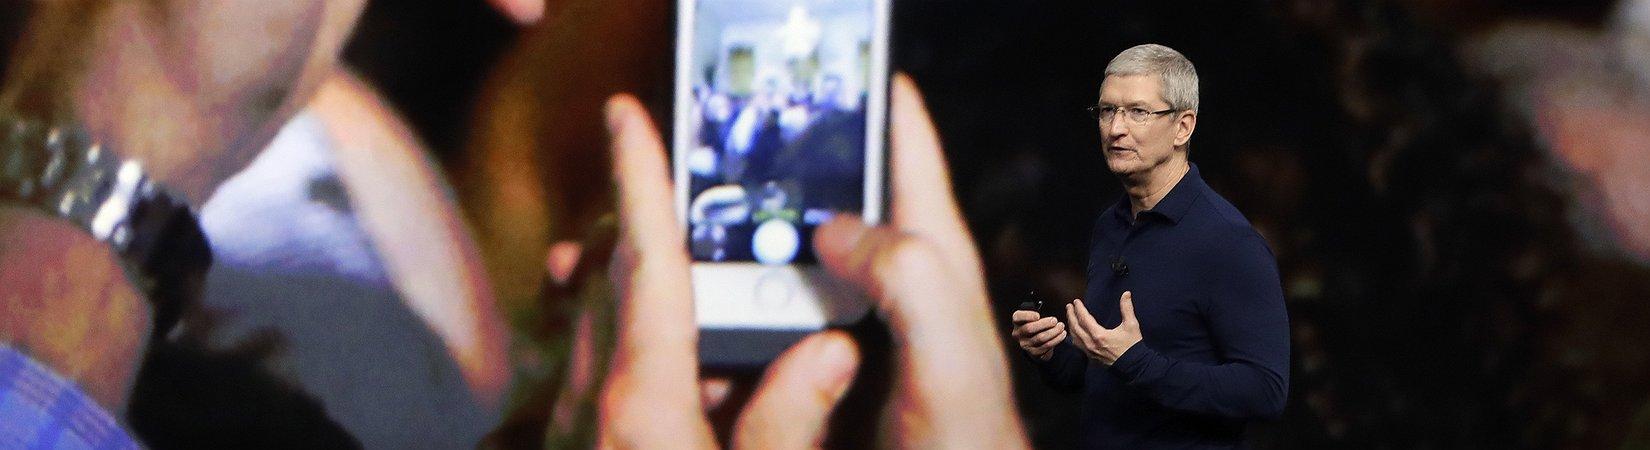 ¿Cómo será el nuevo iPhone? Todo lo que sabemos antes del gran lanzamiento